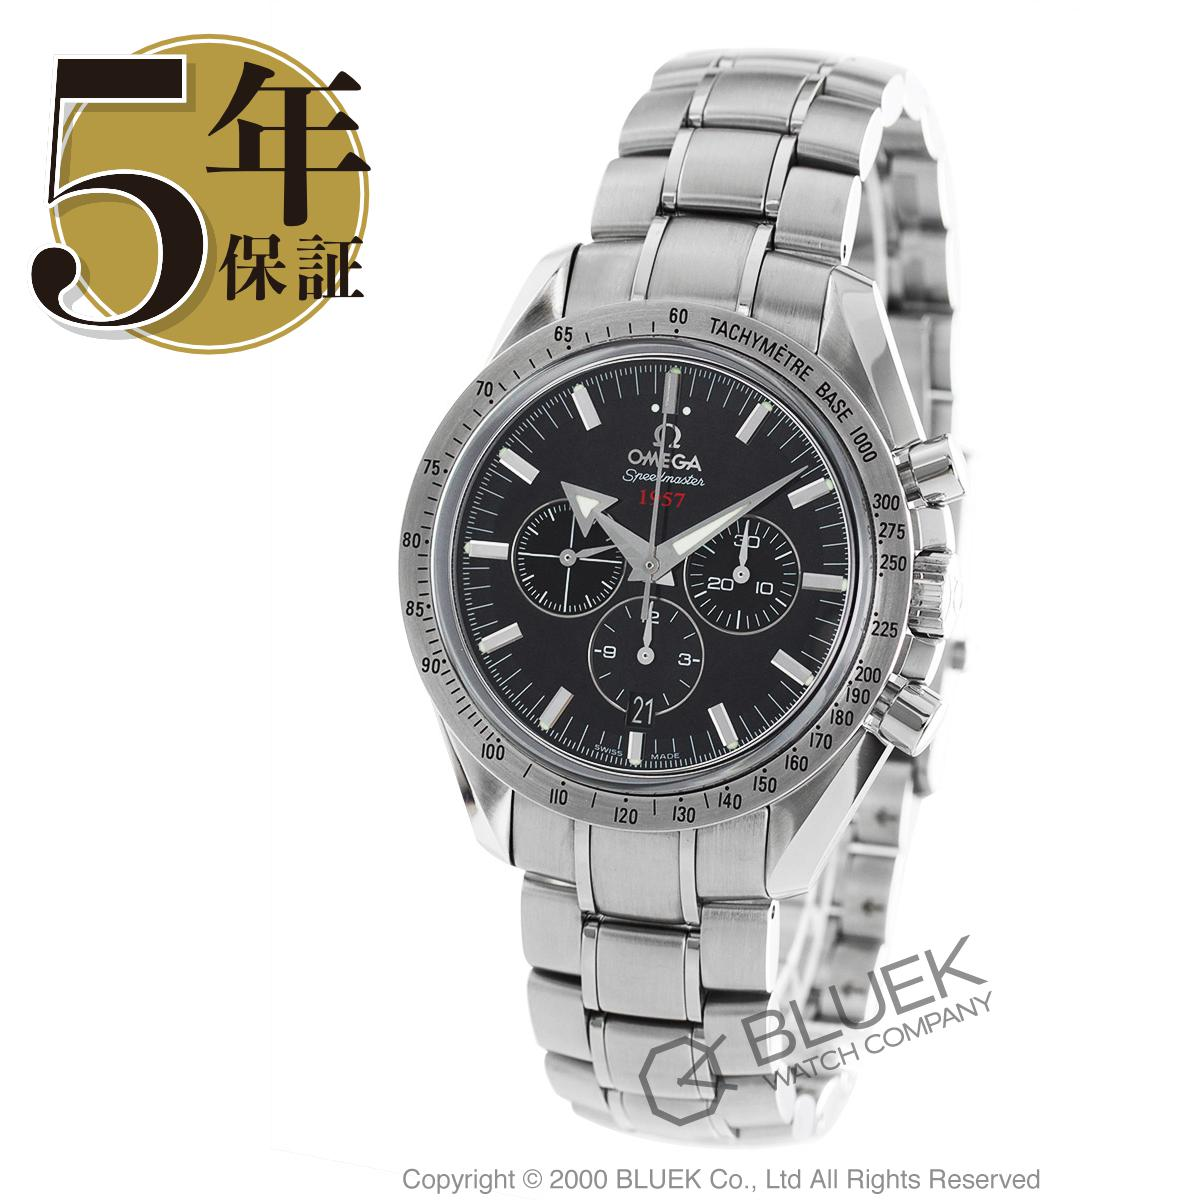 オメガ スピードマスター ブロードアロー クロノグラフ 腕時計 メンズ OMEGA 321.10.42.50.01.001_8